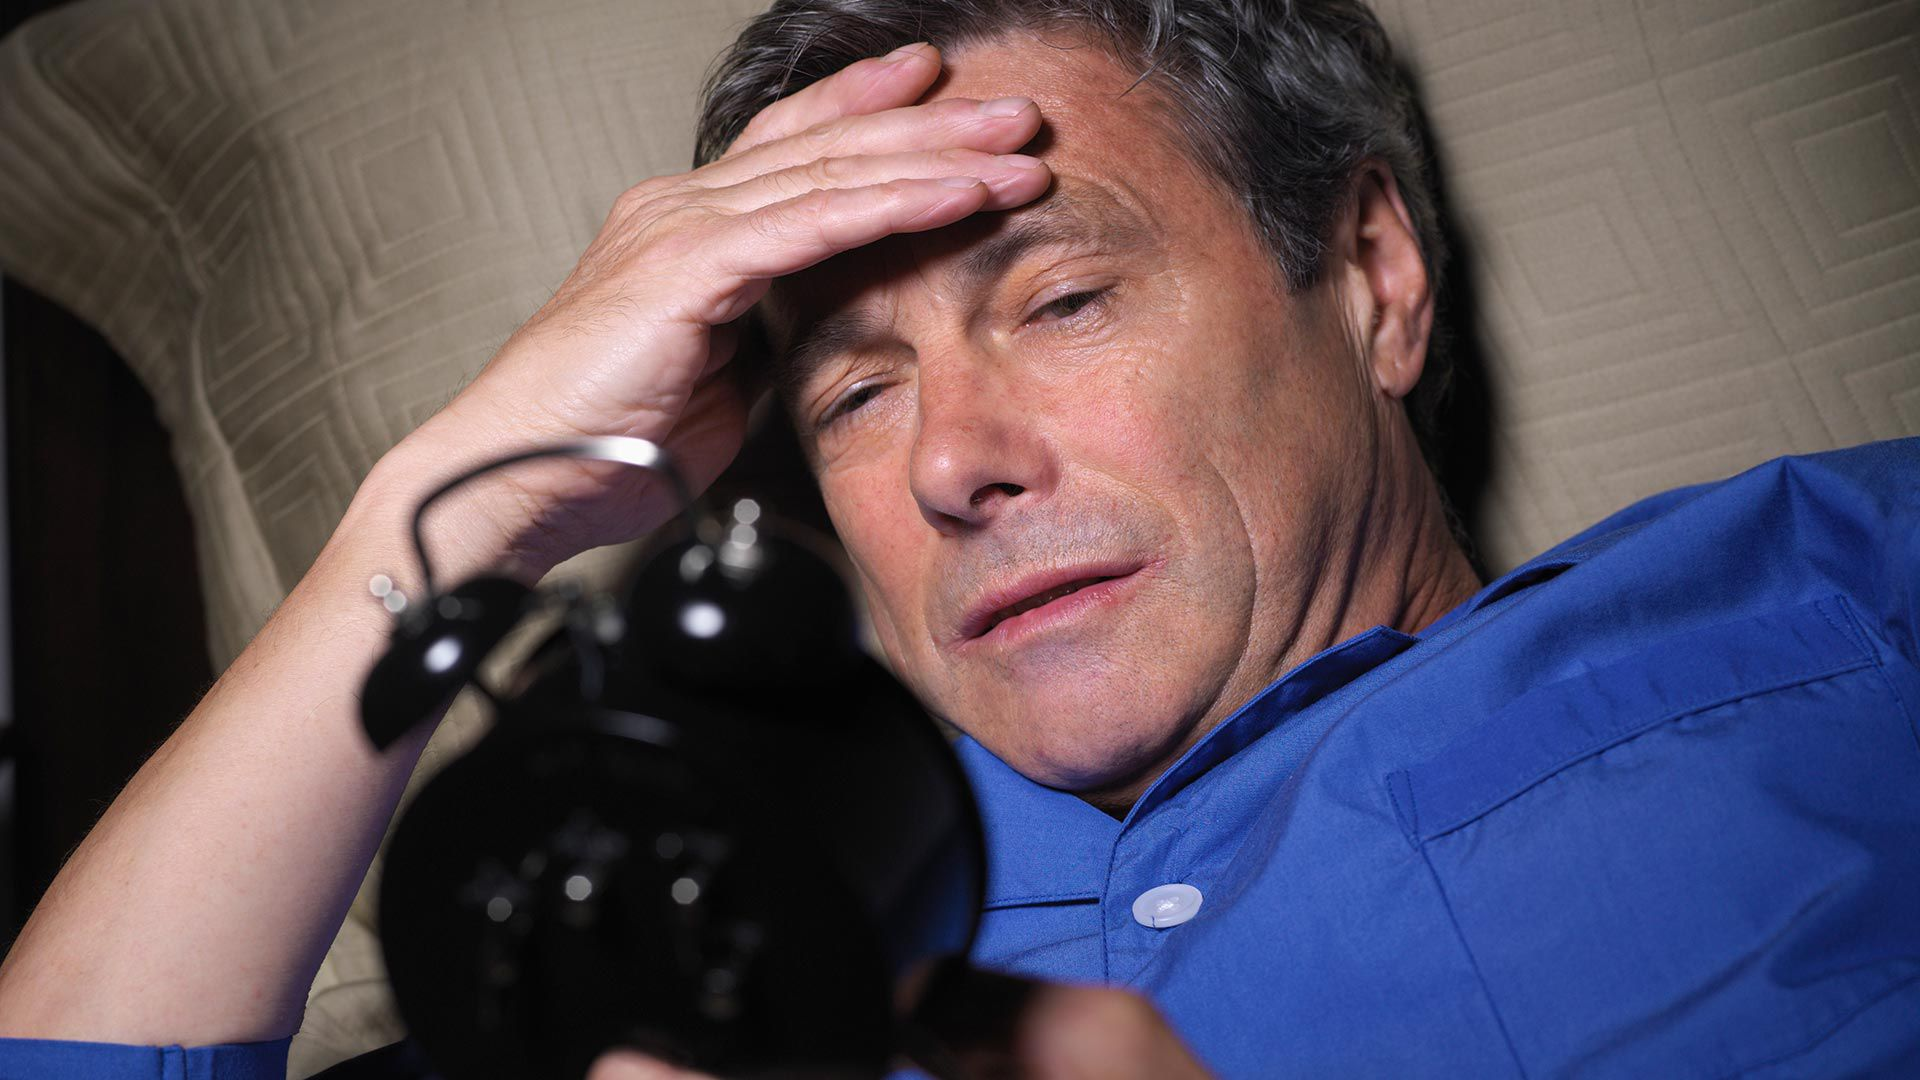 Trastorno de sueño - insomnio